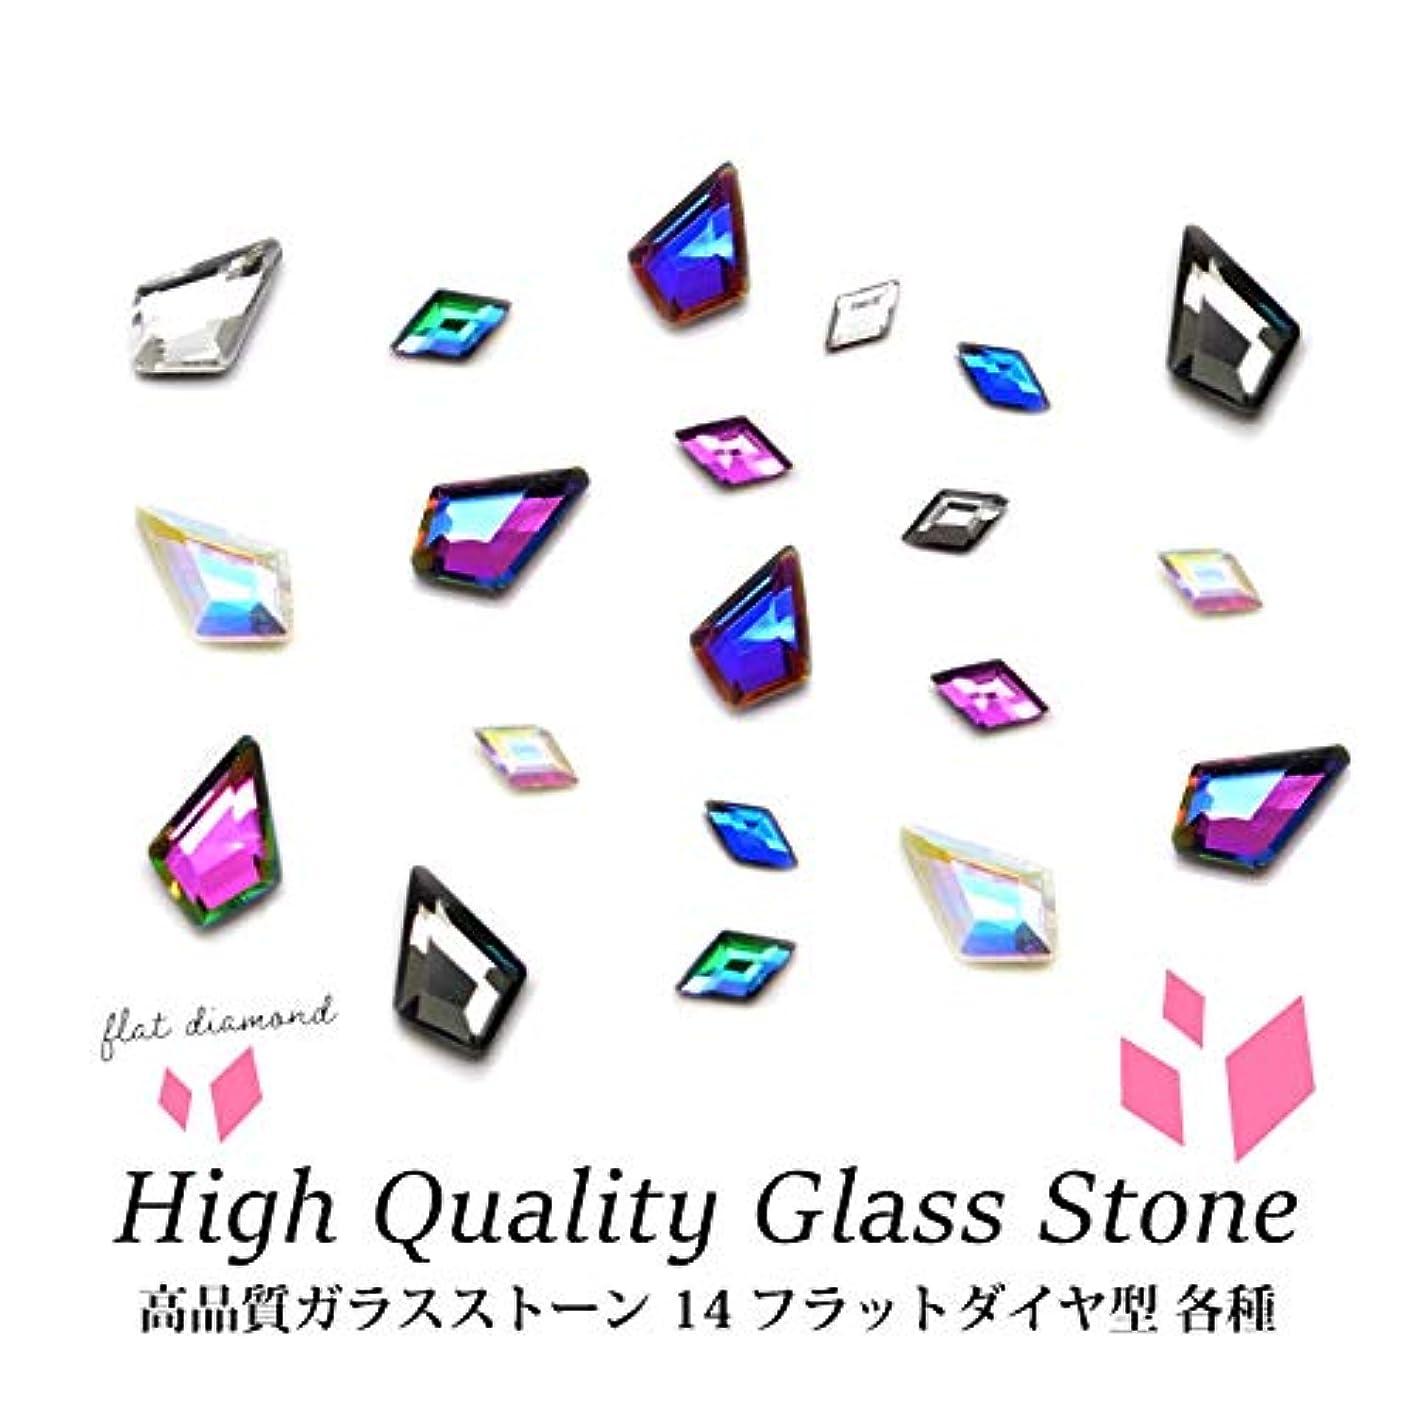 わずらわしいアメリカグループ高品質ガラスストーン 14 フラットダイヤ型 各種 10個入り (1.クリスタル)